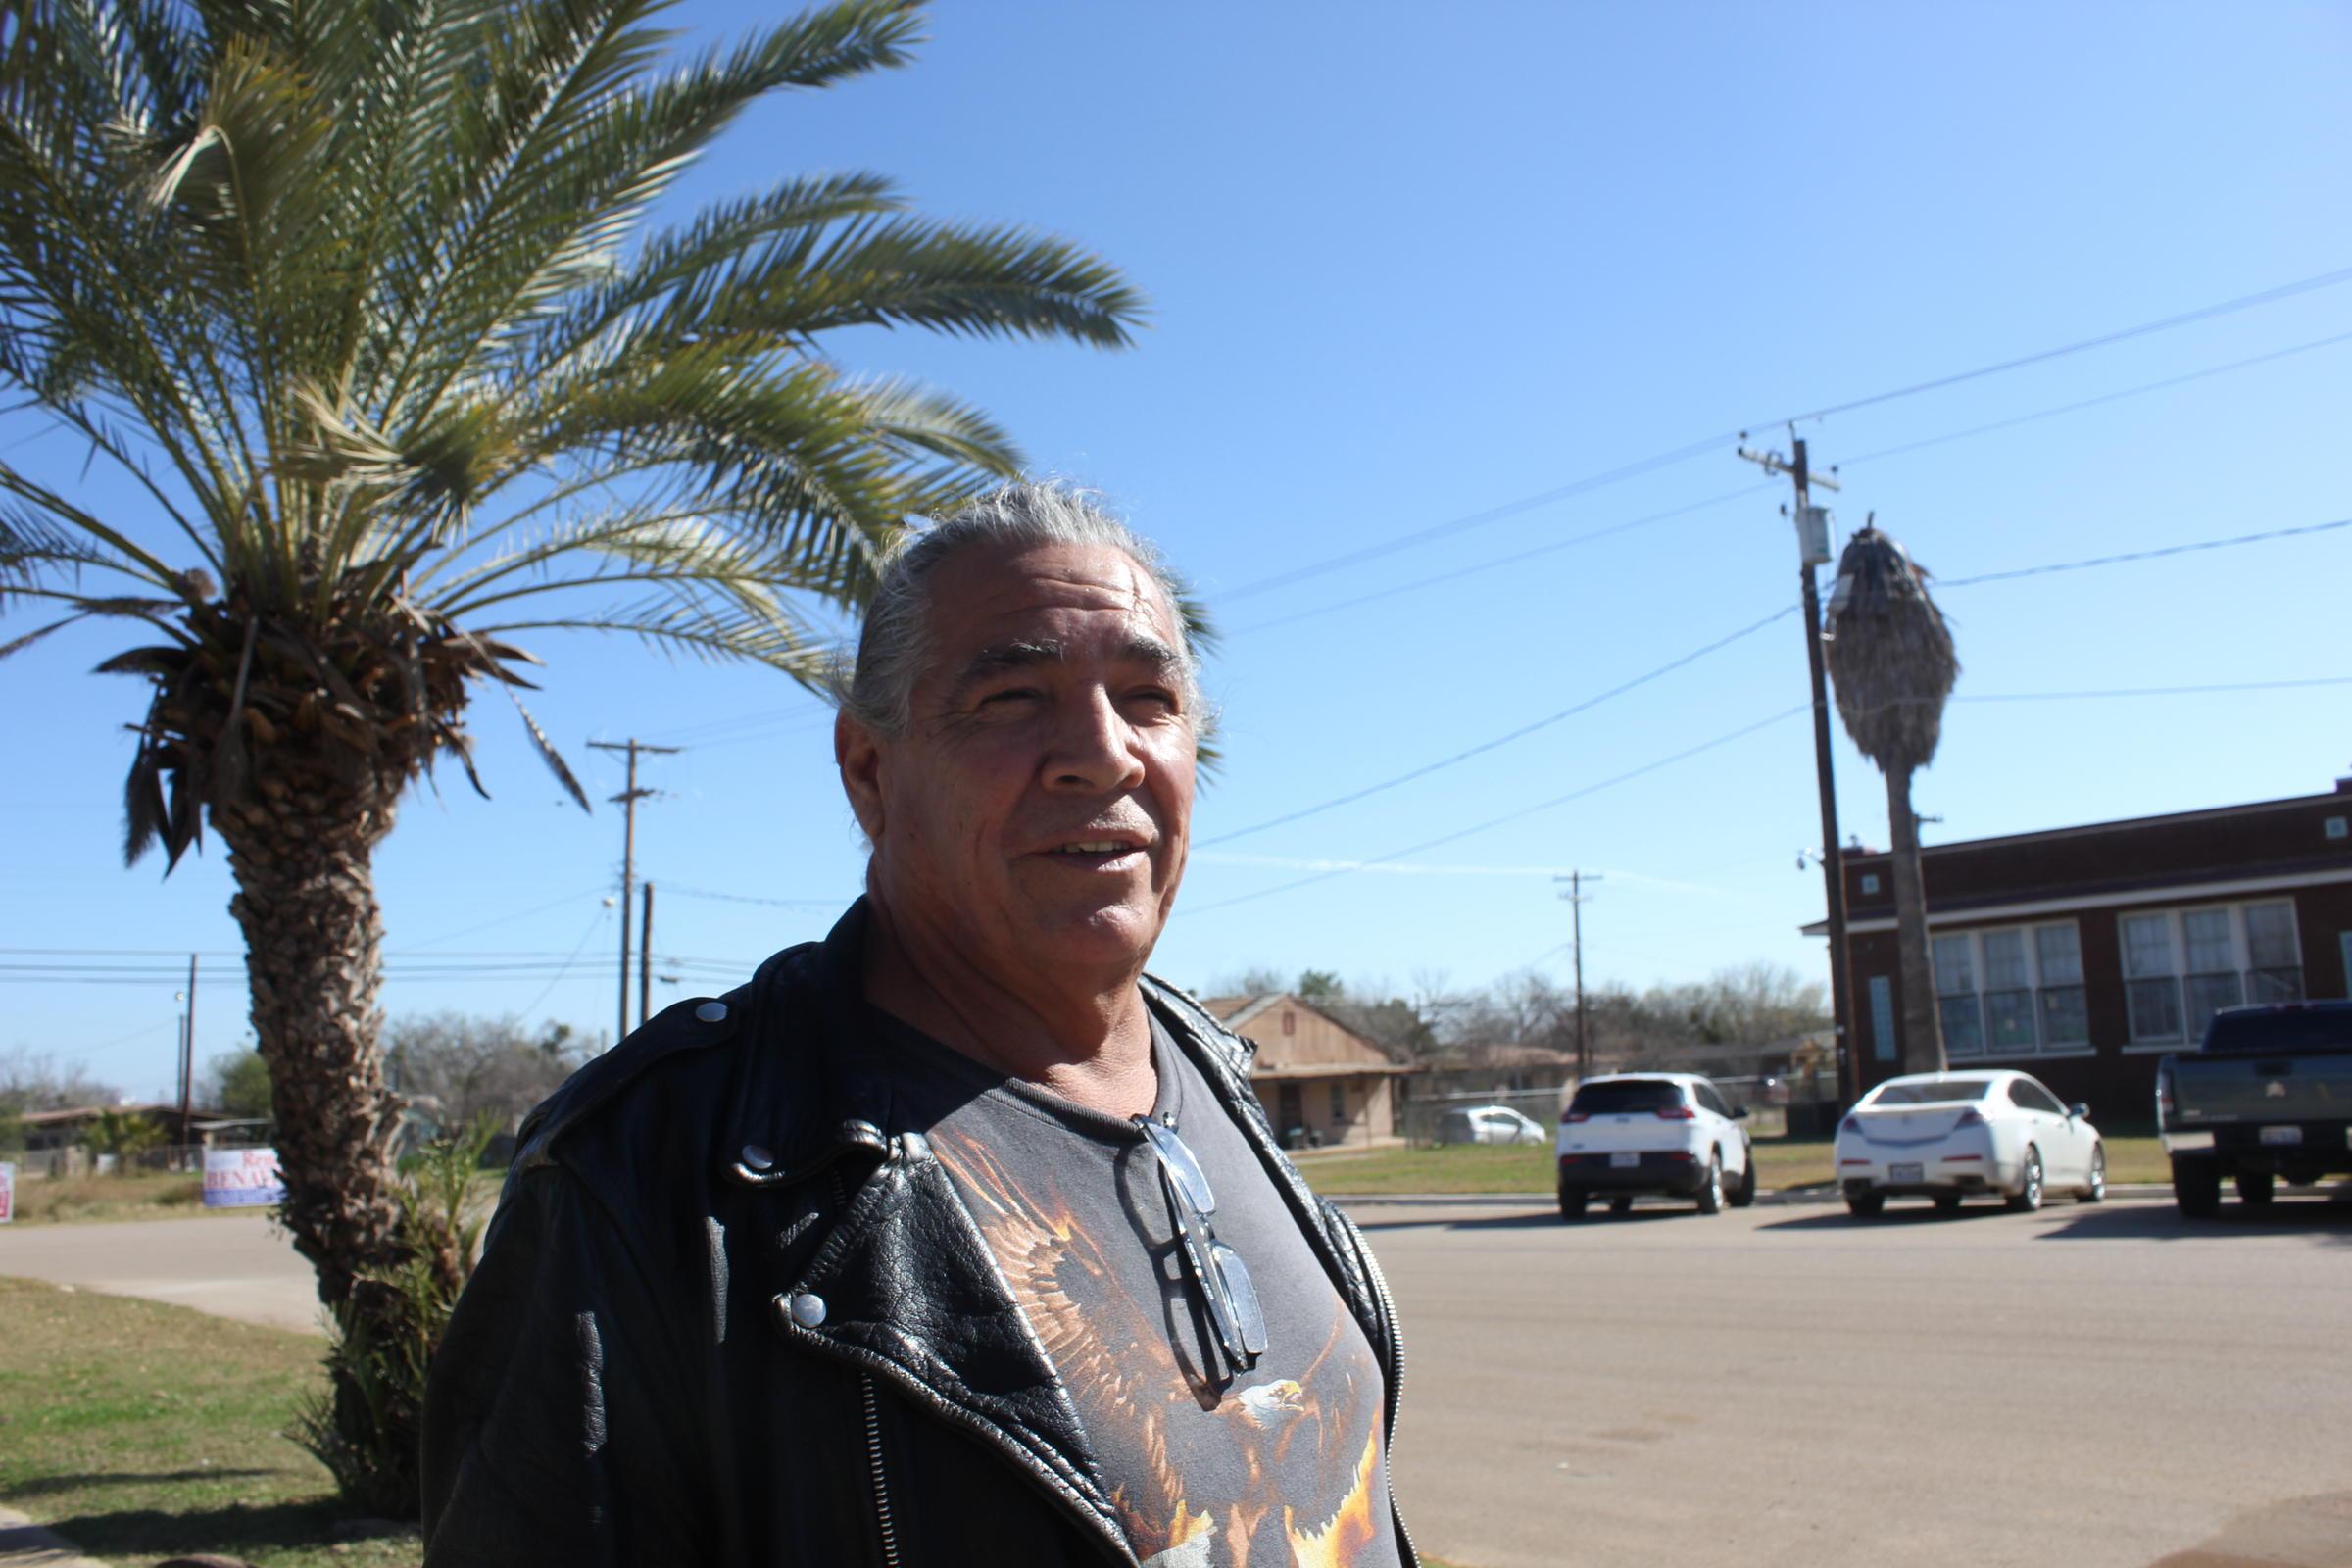 A New Criminal Industry Is Growing in Texas Oilfields | KUT